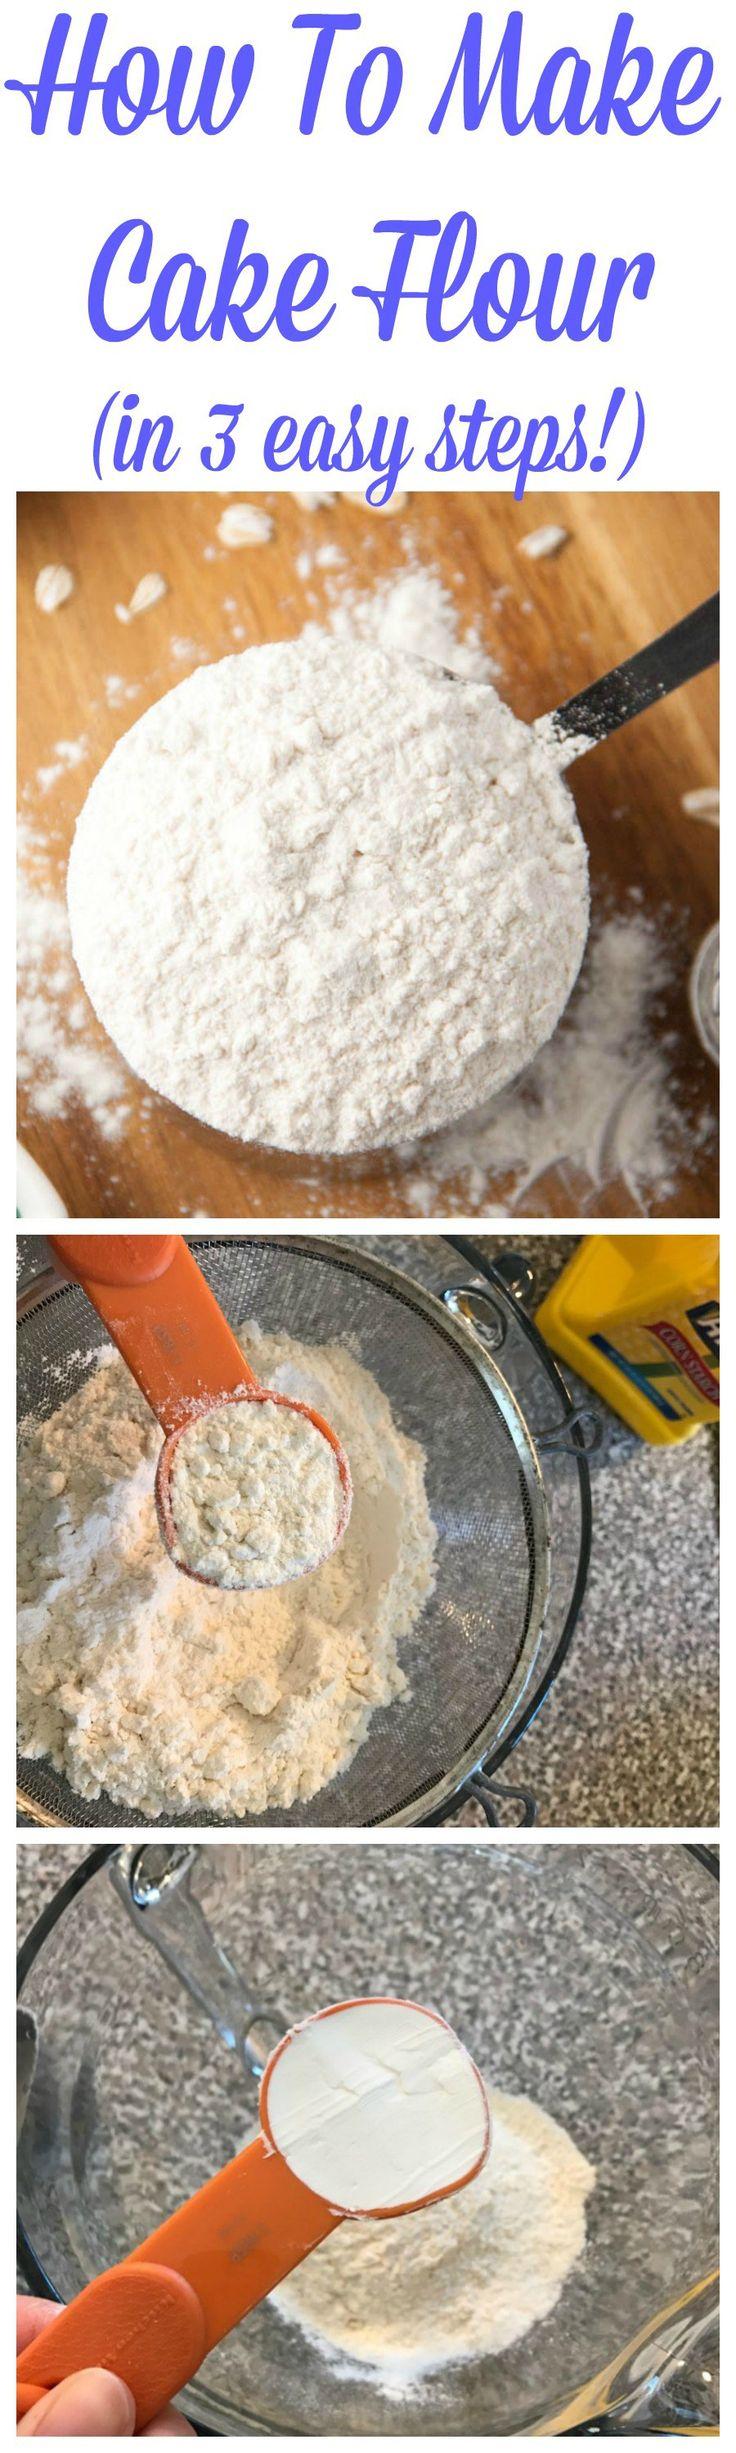 How To Make Your Own Cake Flour - Boston Girl Bakes